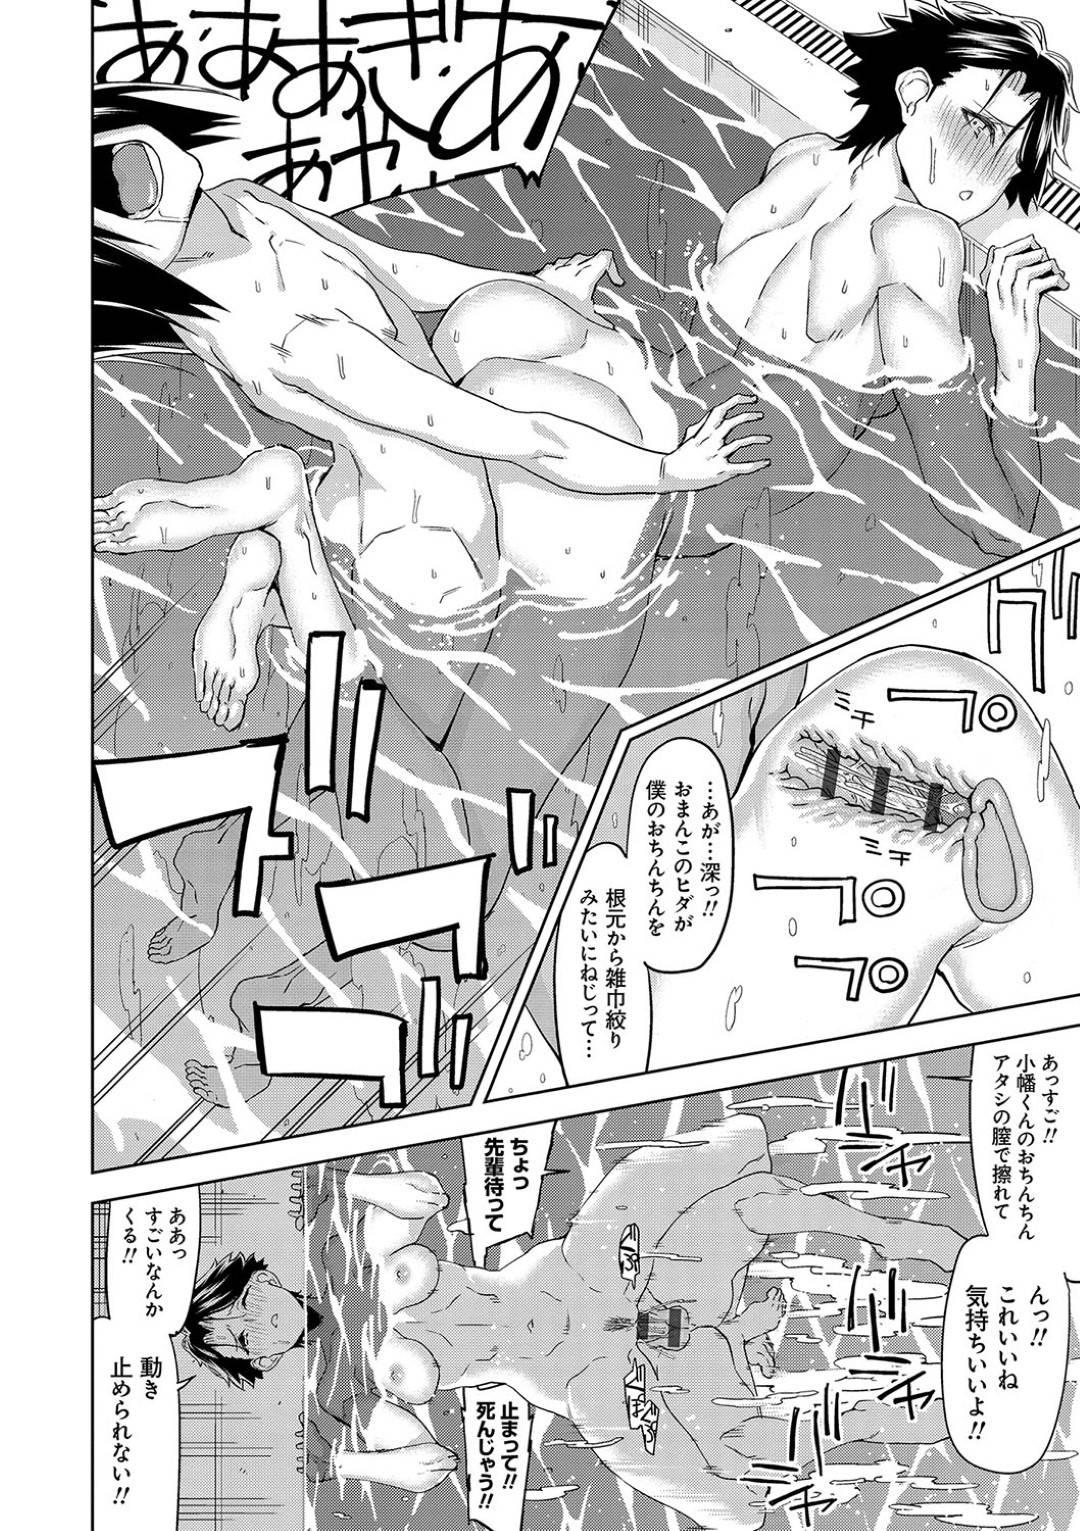 【エロ漫画】水泳部唯一の男子部員に迫る水泳部部員たち…部長とプールで水中セックスしているとドS部員部員が乱入して3P!さらに顧問に見つかりプールサイドでお仕置きセックス!帰宅して仲の良い部員の水着姿を見て勃起!セックスしていると妹が入ってきてまたまた3P!【上向だい】